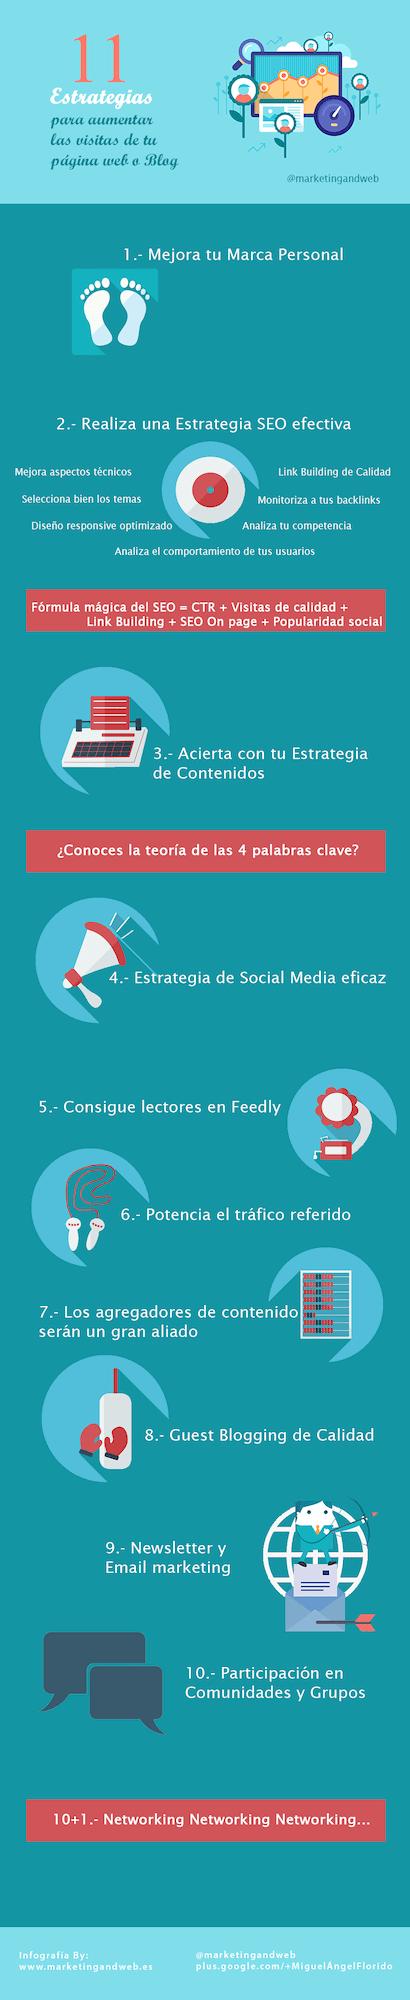 estrategias para aumentar las visitas pagina web infografía